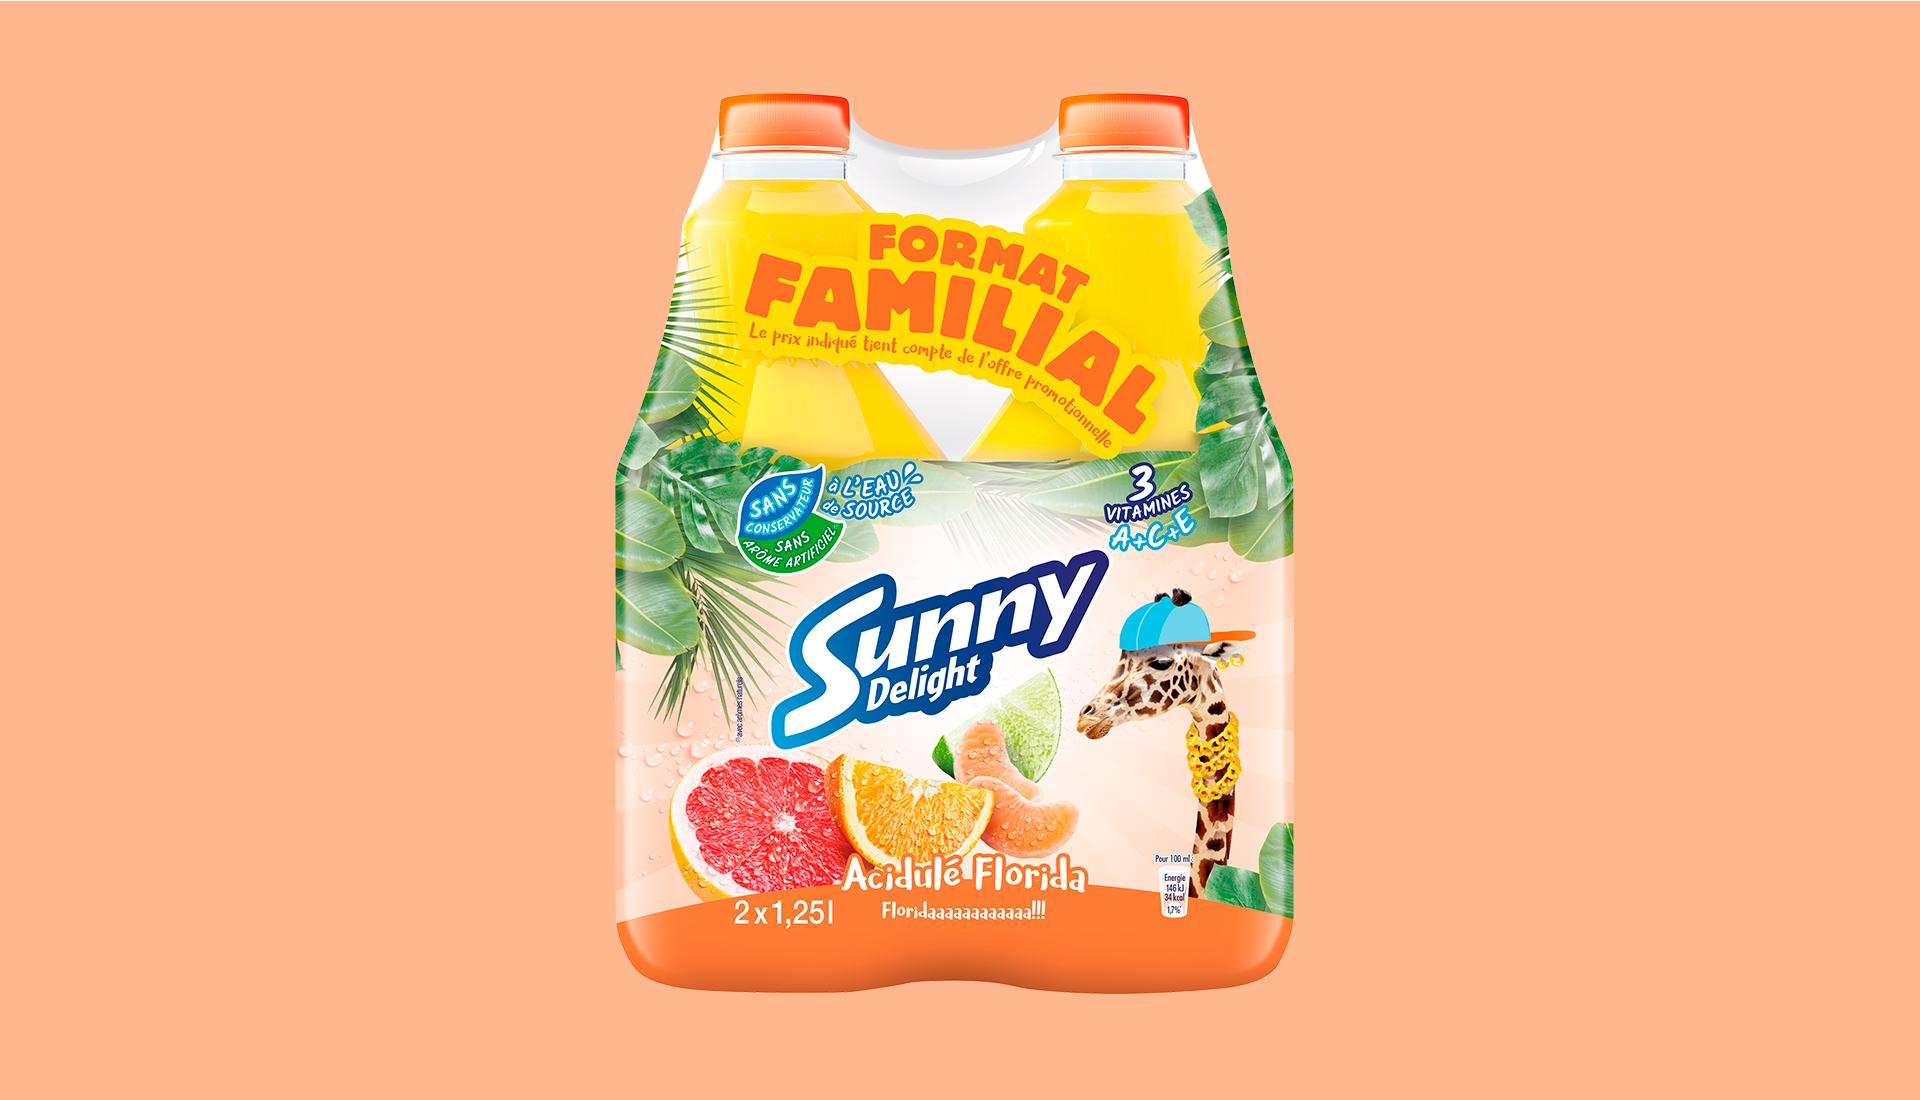 Sunny-05